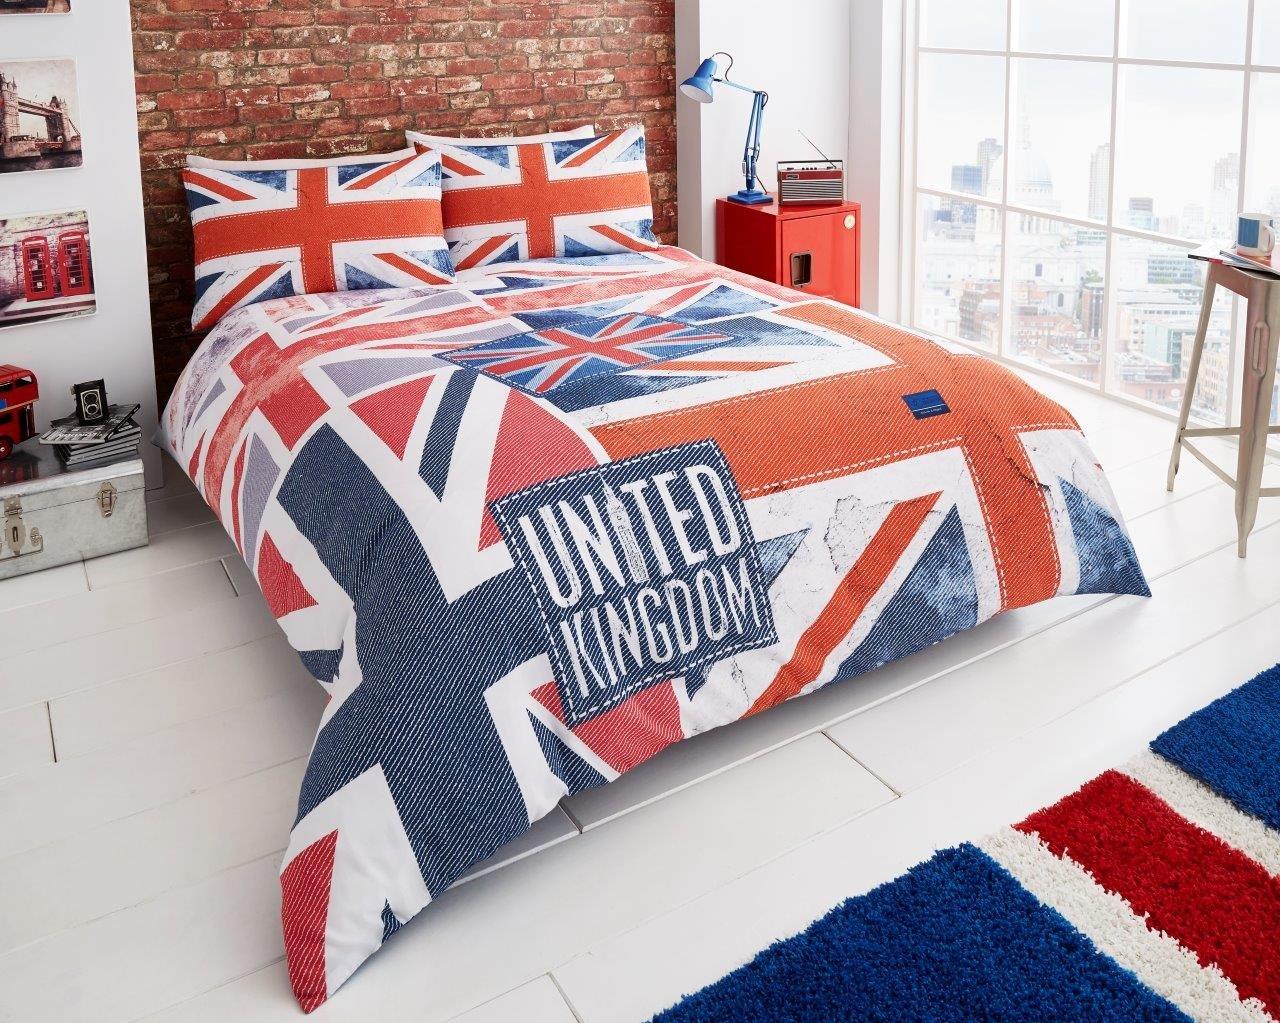 qvc bettdecken und kissen schlafzimmer komplett g nstig segm ller w schekrone bettdecken. Black Bedroom Furniture Sets. Home Design Ideas